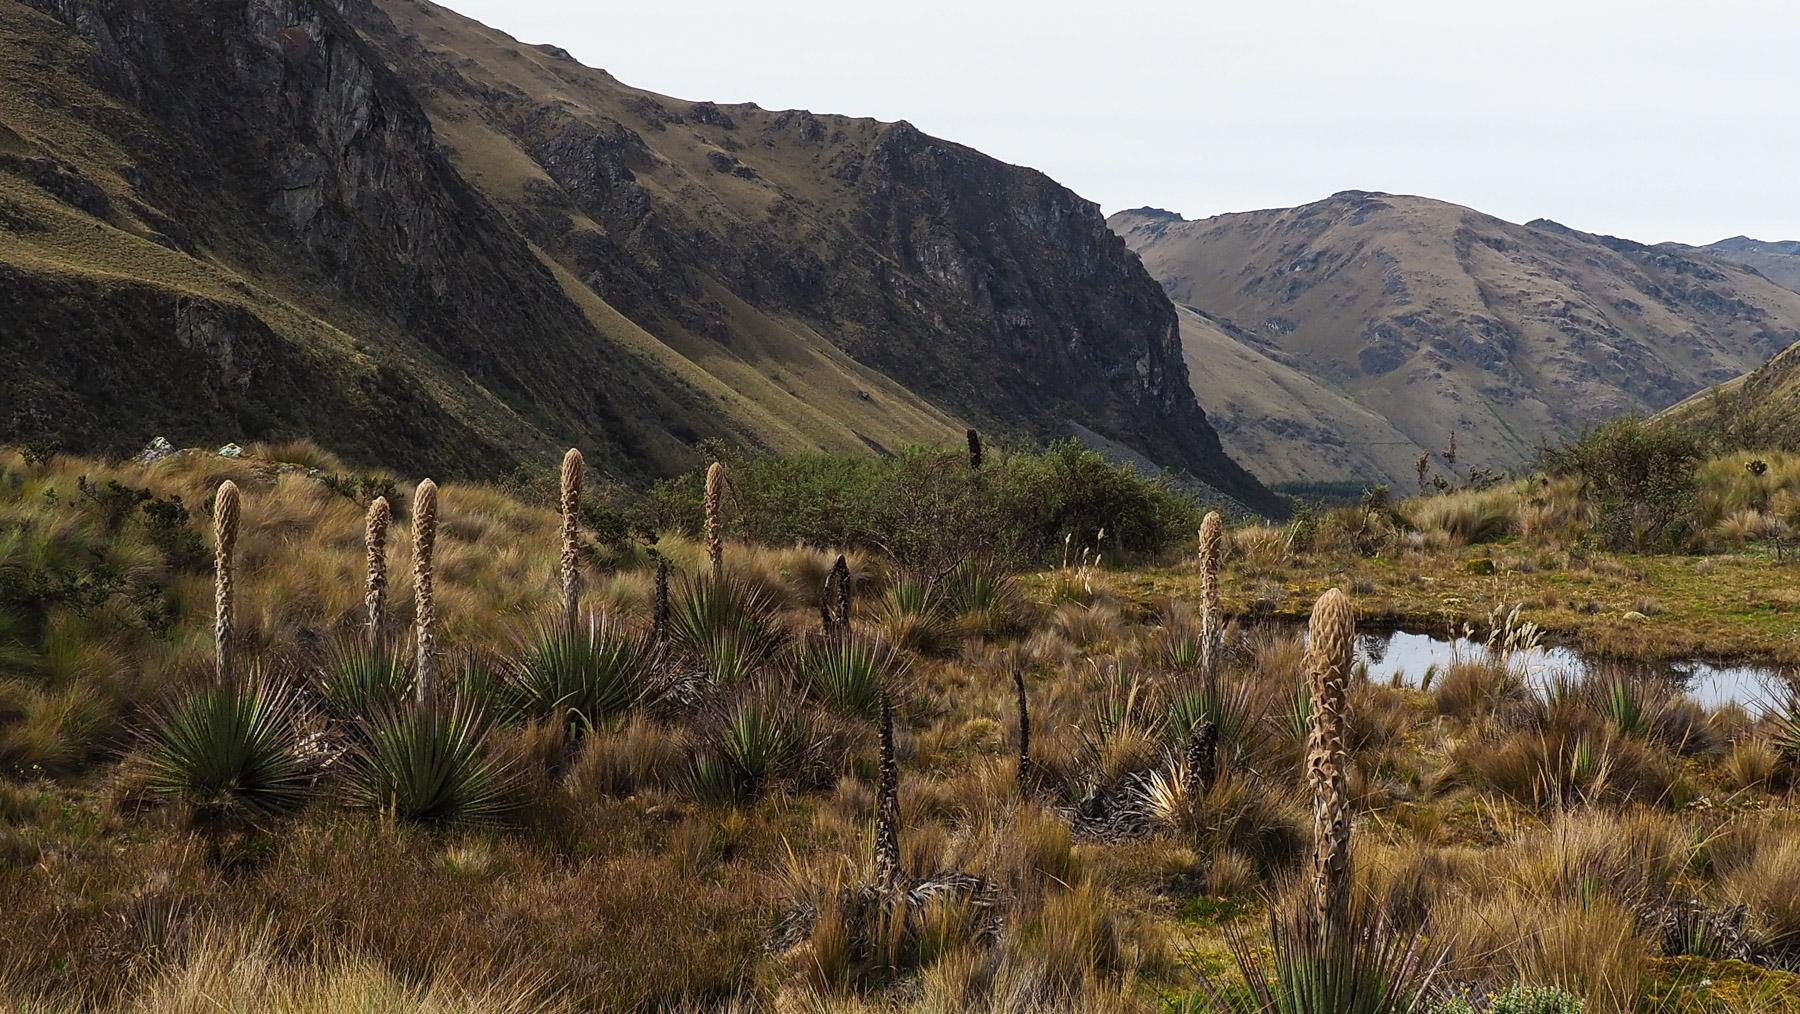 Eigenartige Pflanzenwelt in der Paramo Landschaft